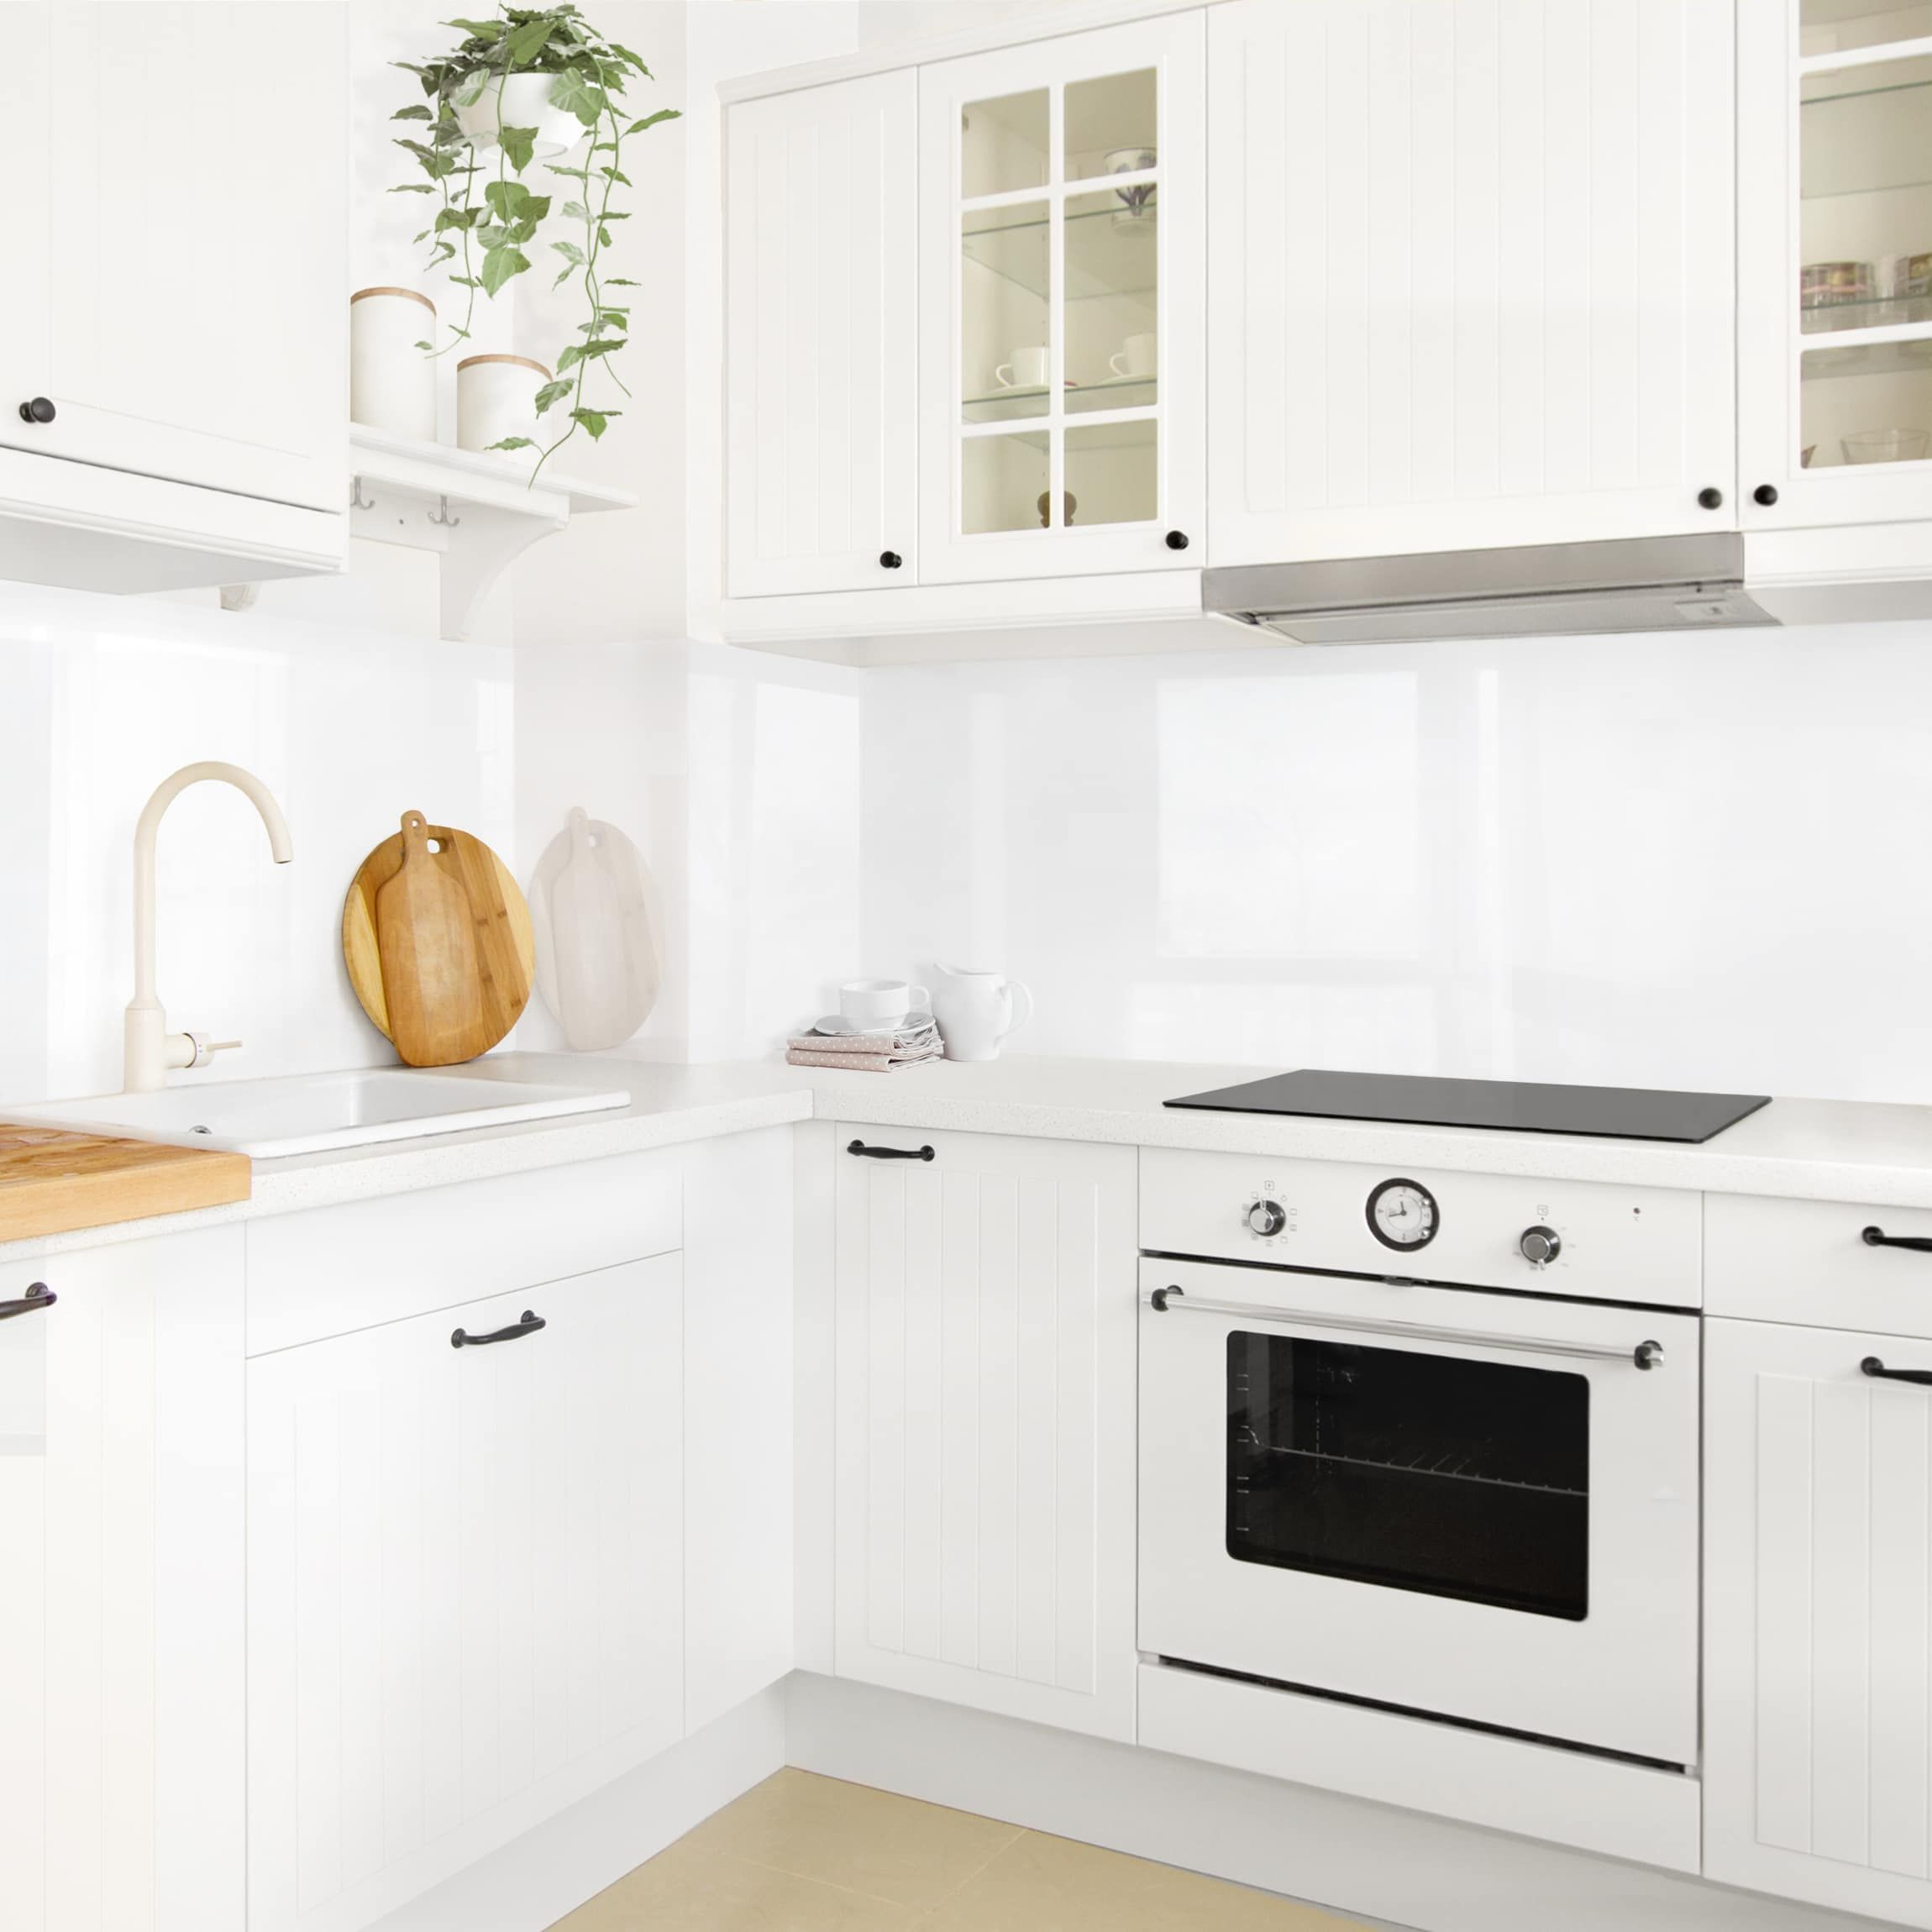 Innovativo rivestimento adesivo per cucine come alternativa ...